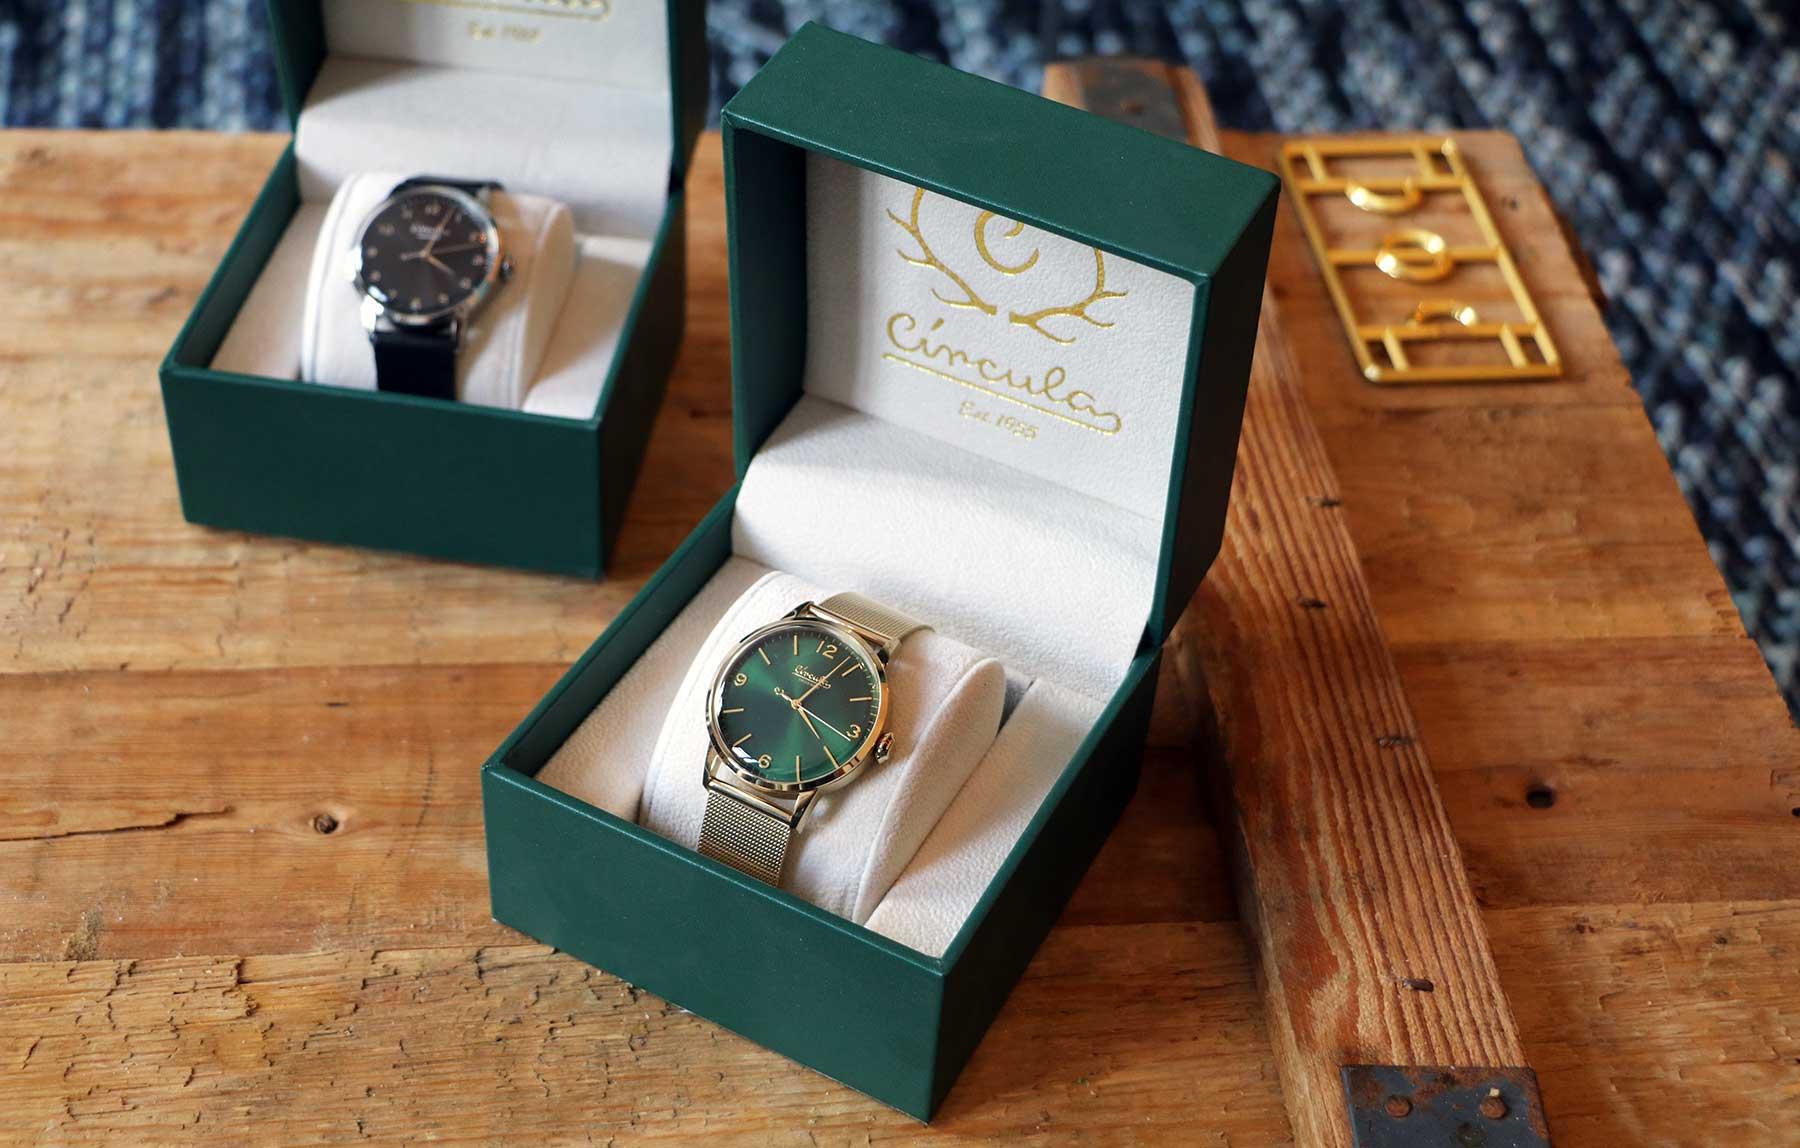 Rund. Praktisch. Gut: Circula Watches Circula-Watches_02